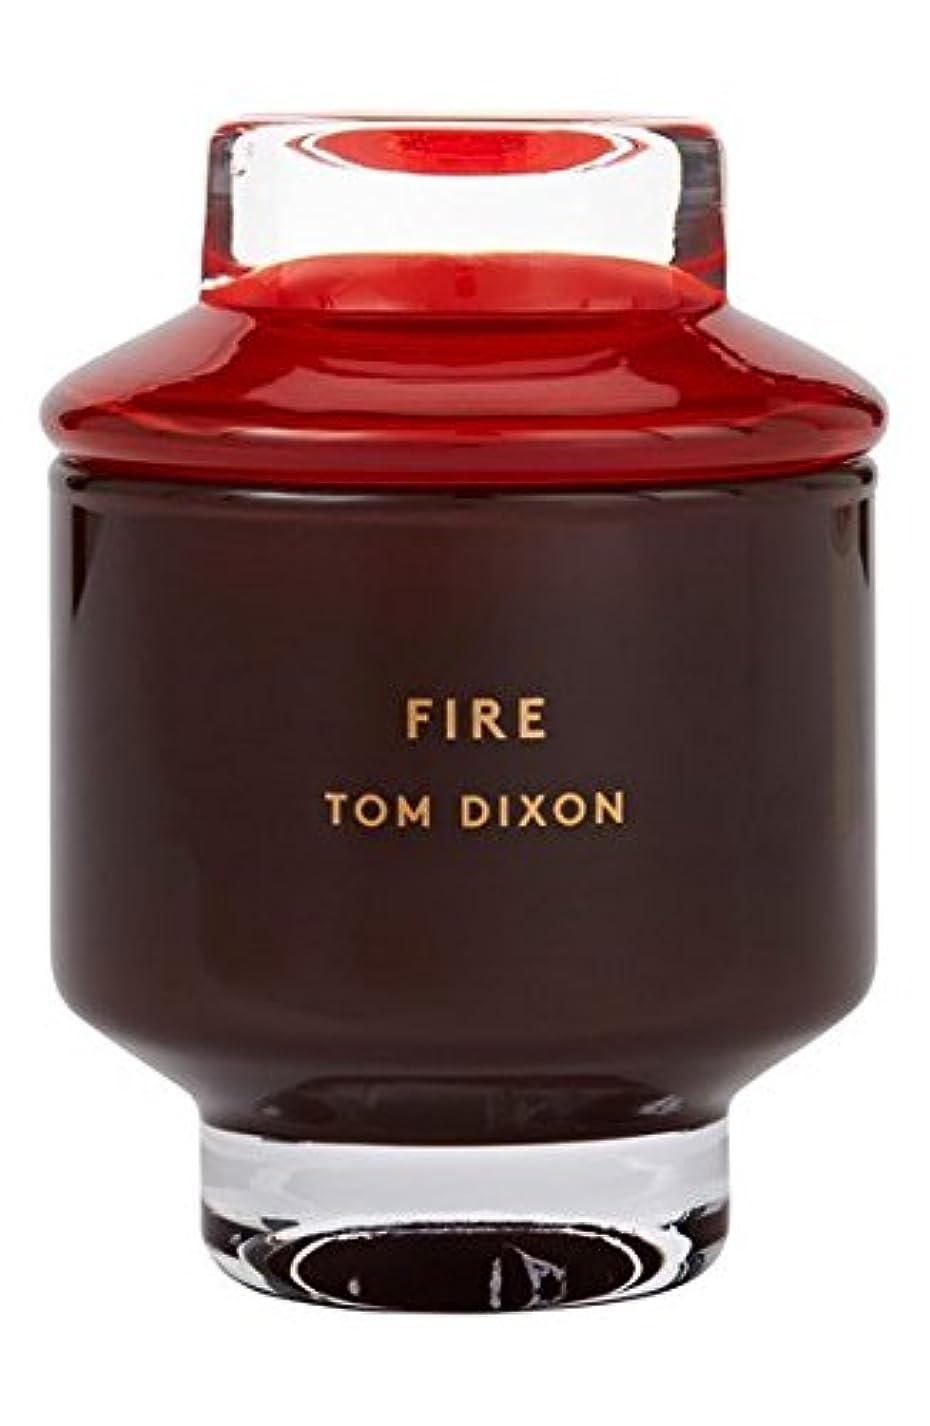 シーン対応する別々にTom Dixon 'Fire' Candle (トム ディクソン 'ファイヤー' キャンドル大) Large